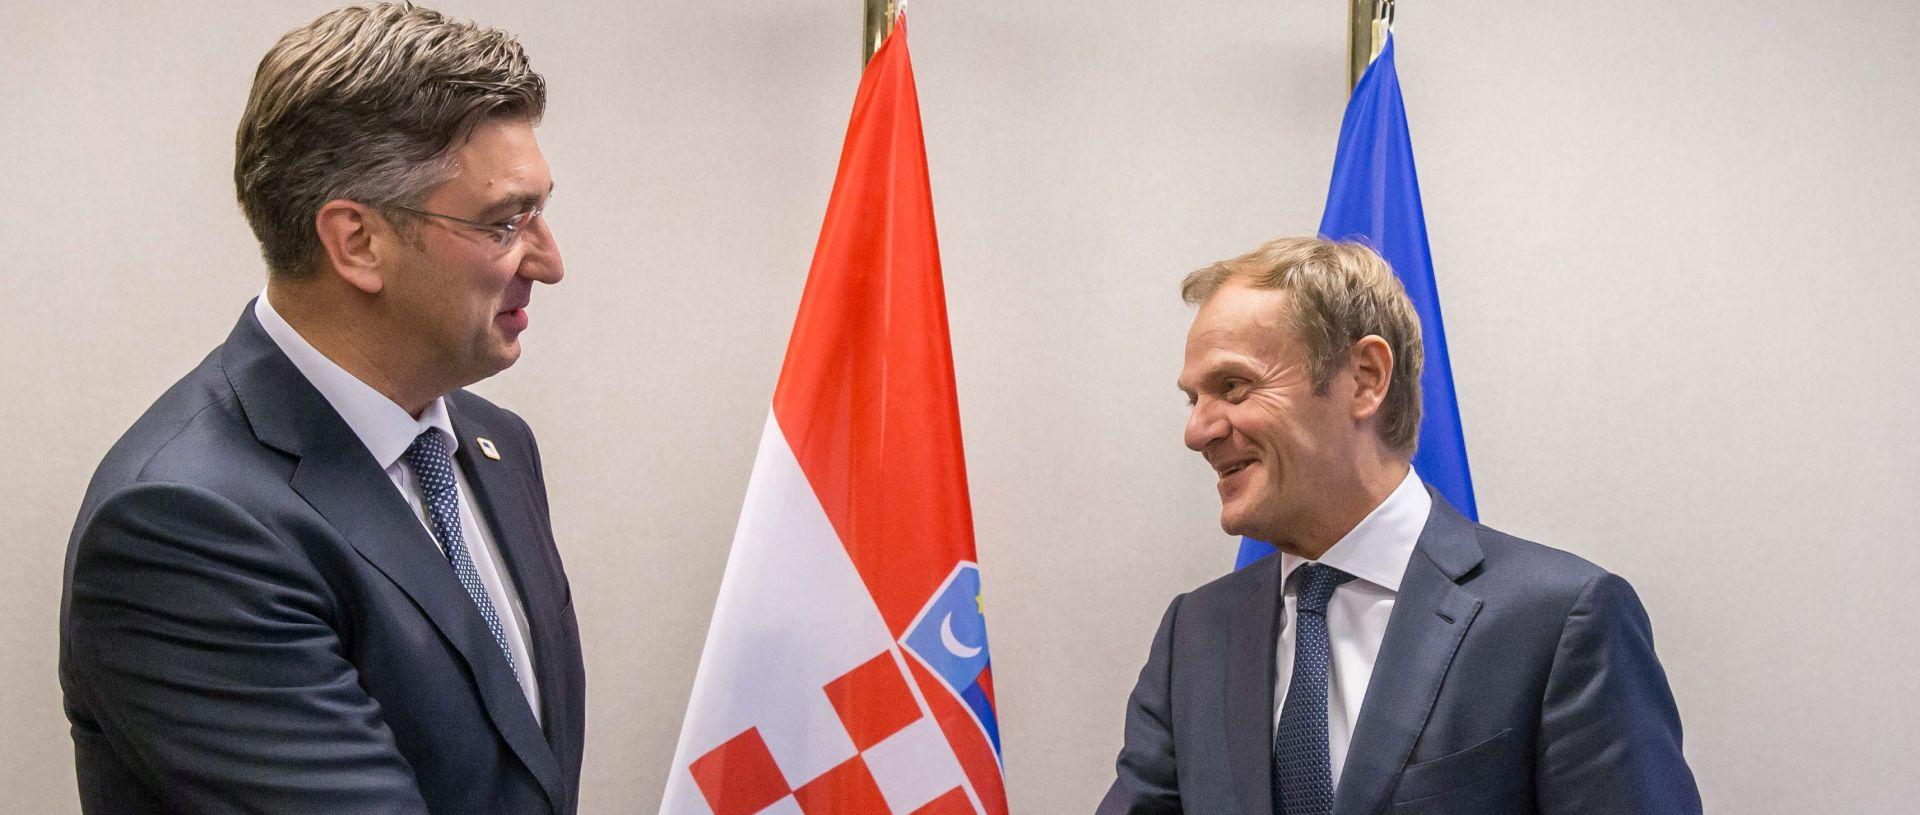 Plenković na svom prvom Europskom vijeću